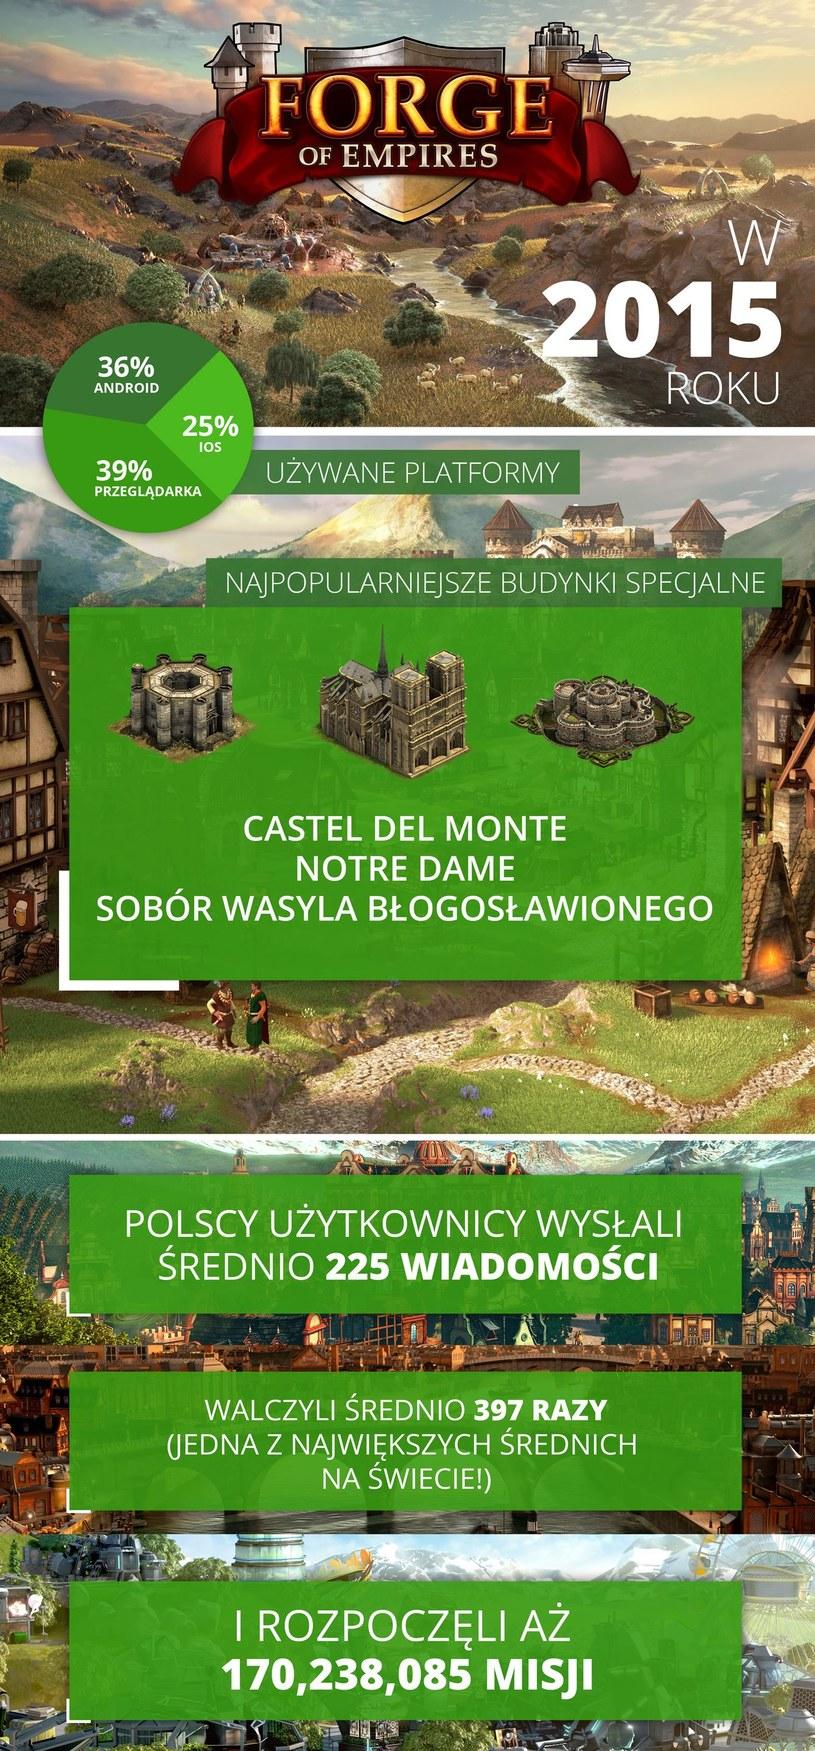 Forge of Empires /materiały prasowe